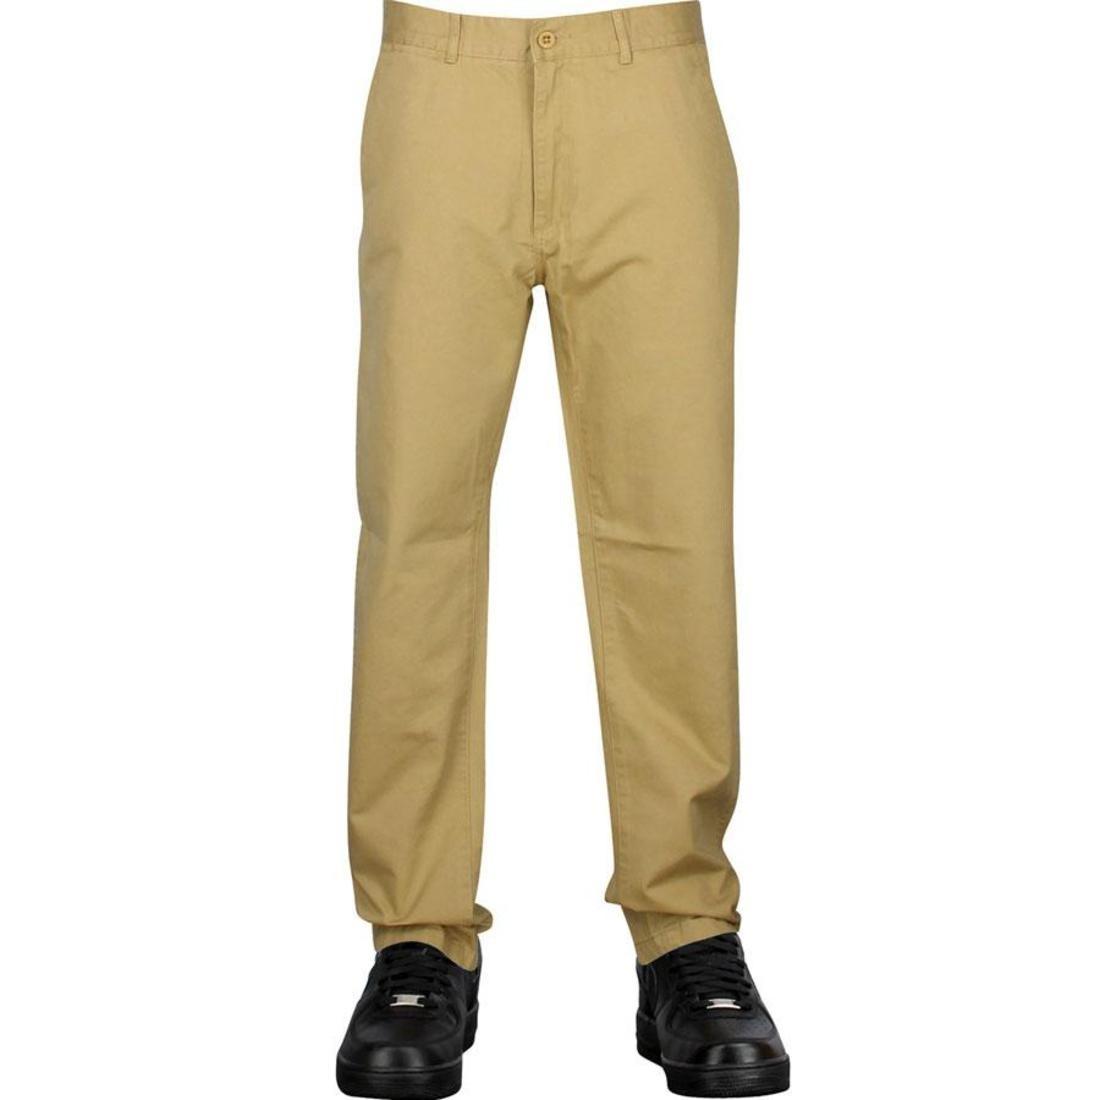 【海外限定】チノ パンツ ズボン 【 UNDEFEATED QUALITY CHINO PANTS KHAKI 】